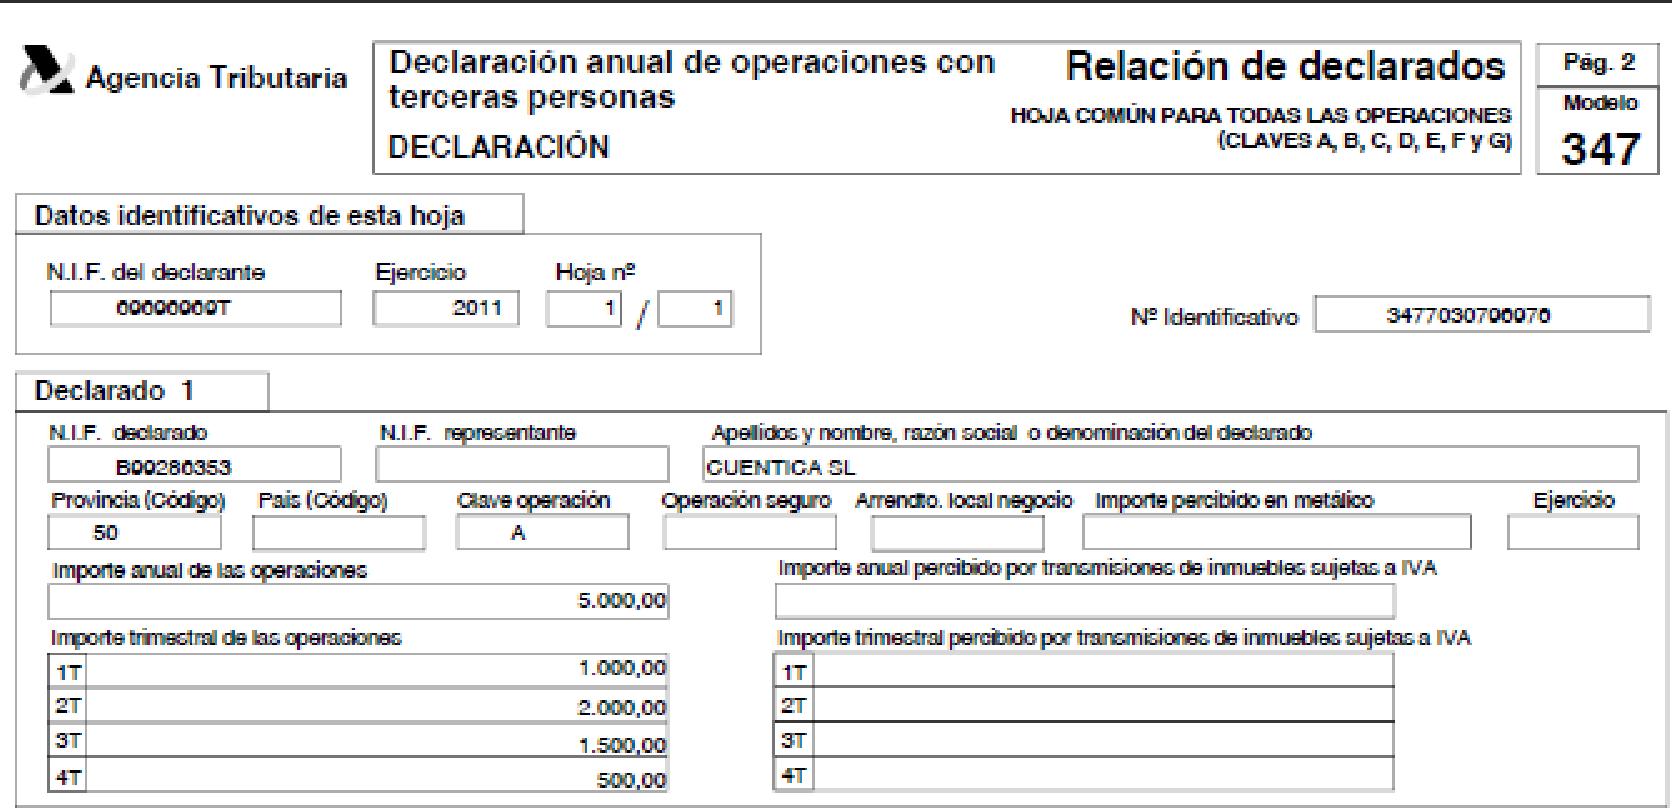 qué es el modelo 347 declaración anual de operaciones con terceros